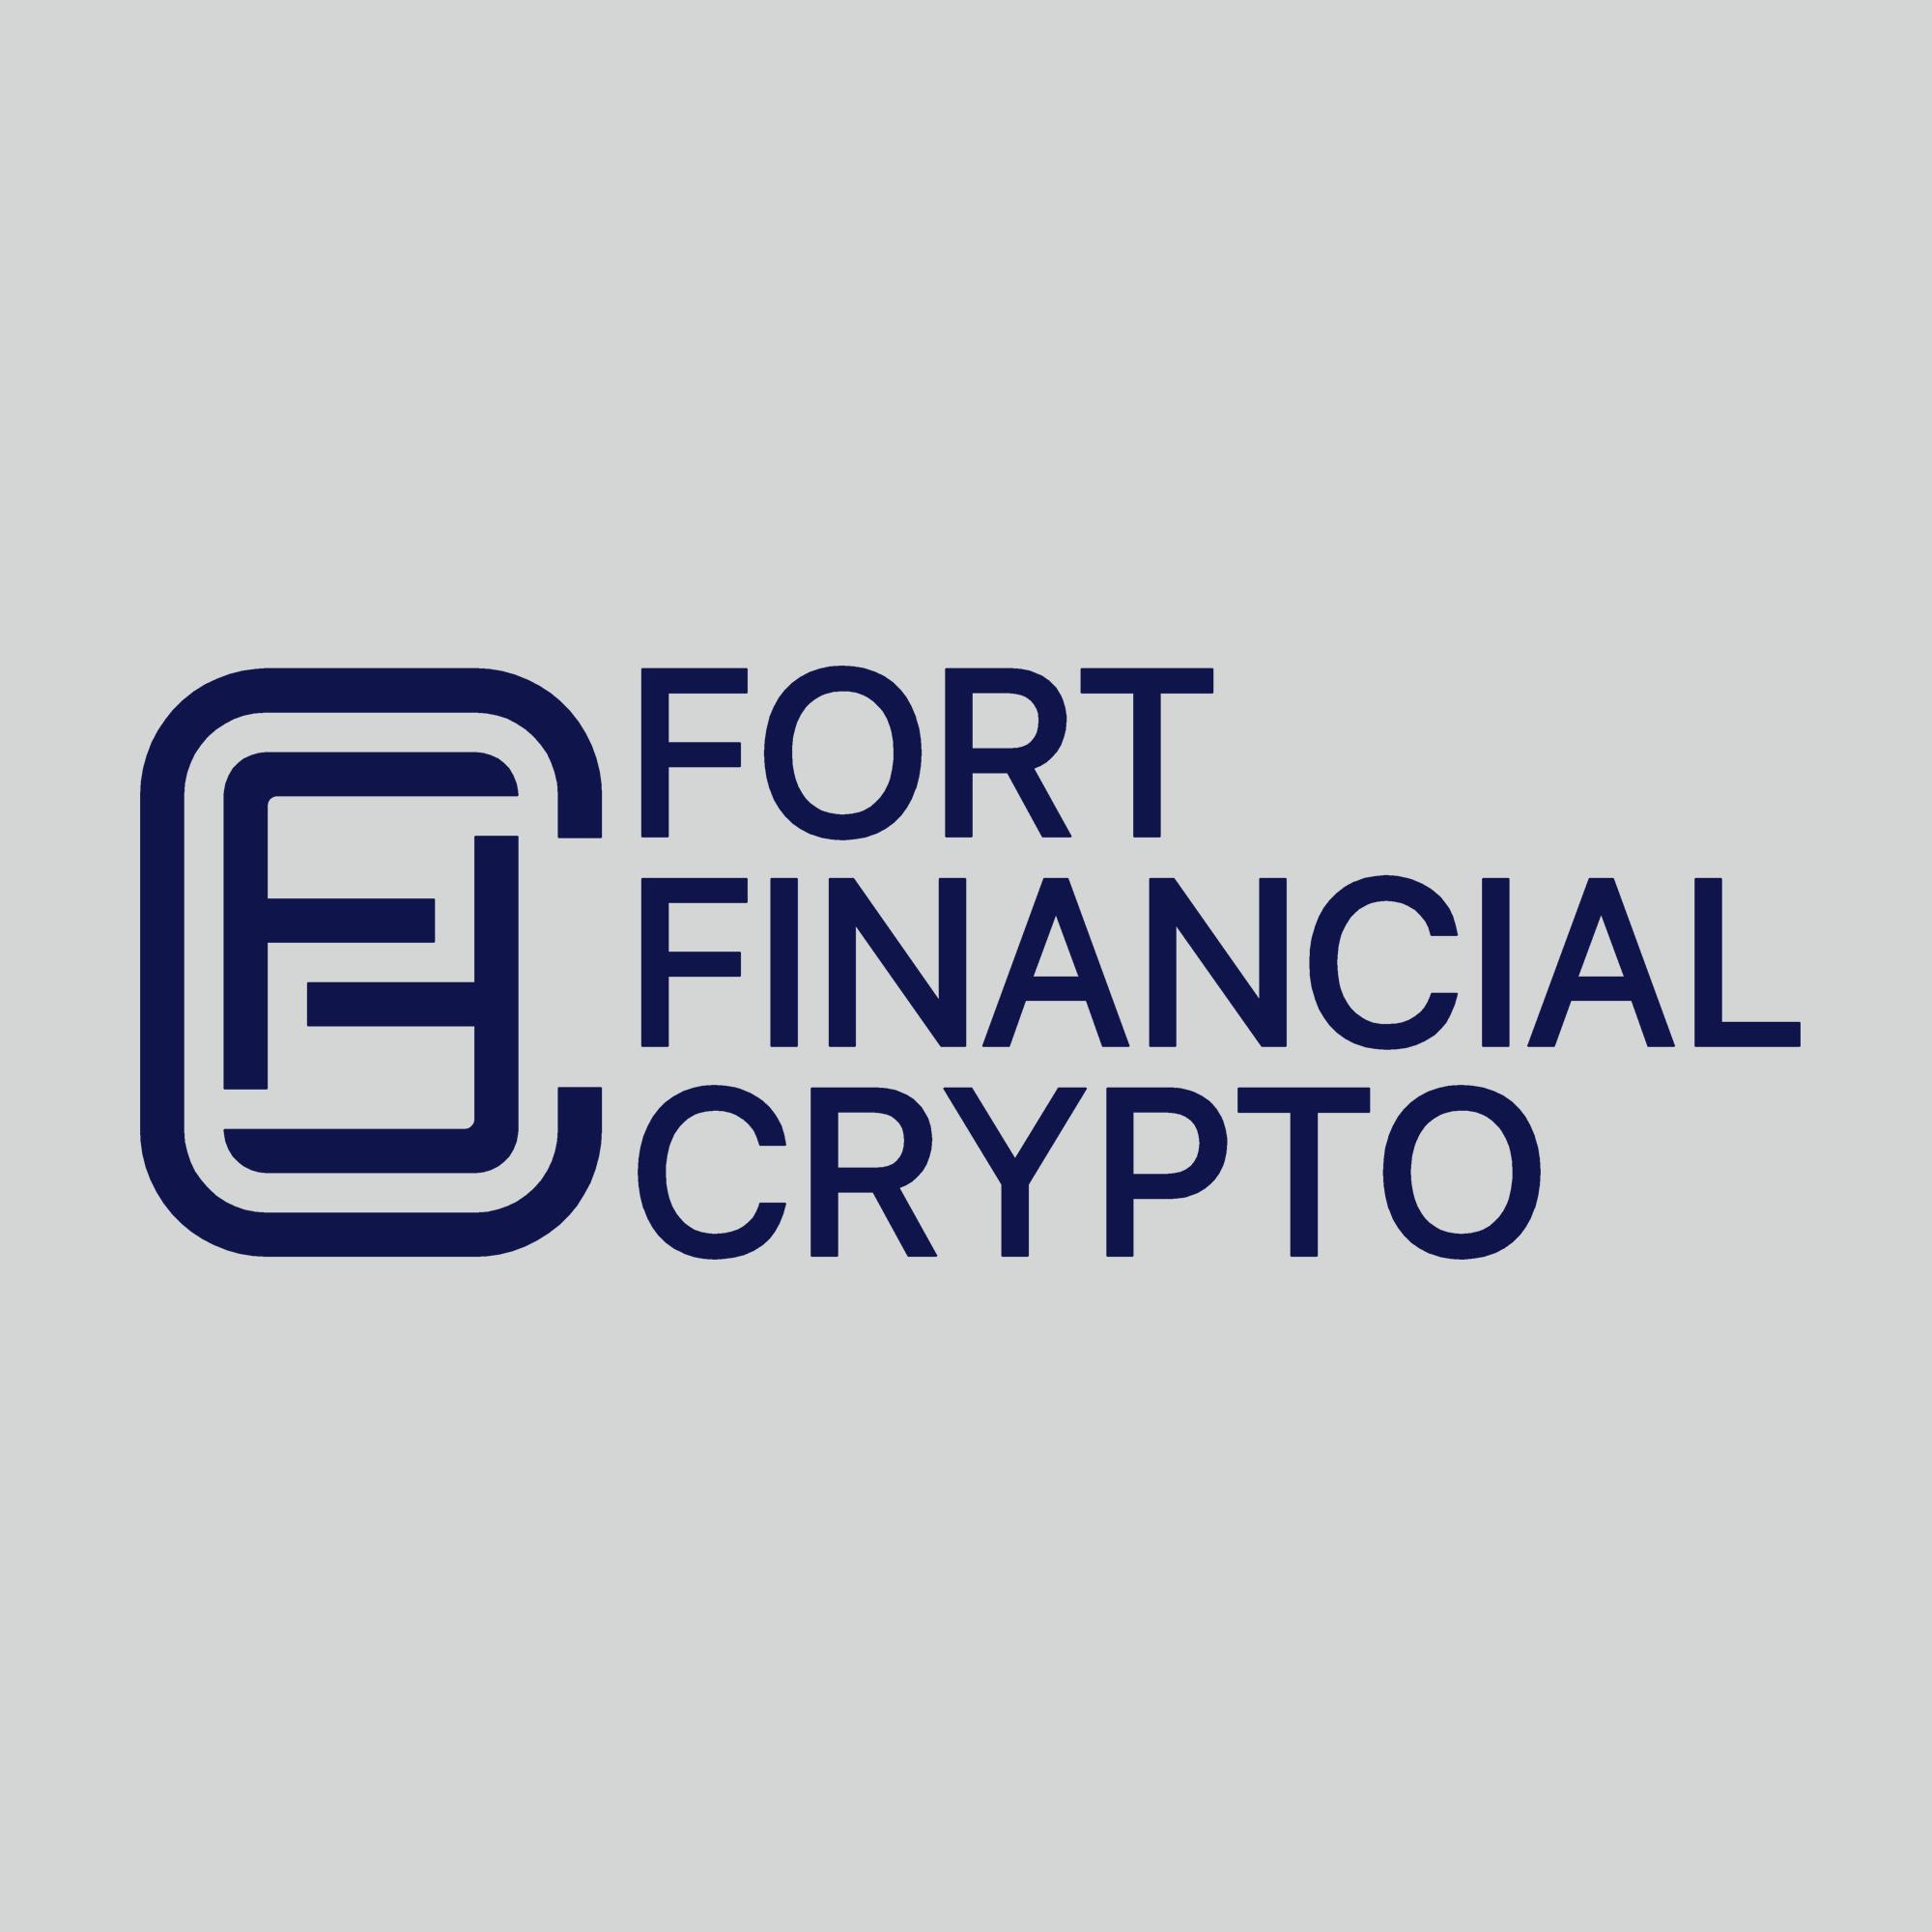 Разработка логотипа финансовой компании фото f_6485a91b8bcb13f5.png